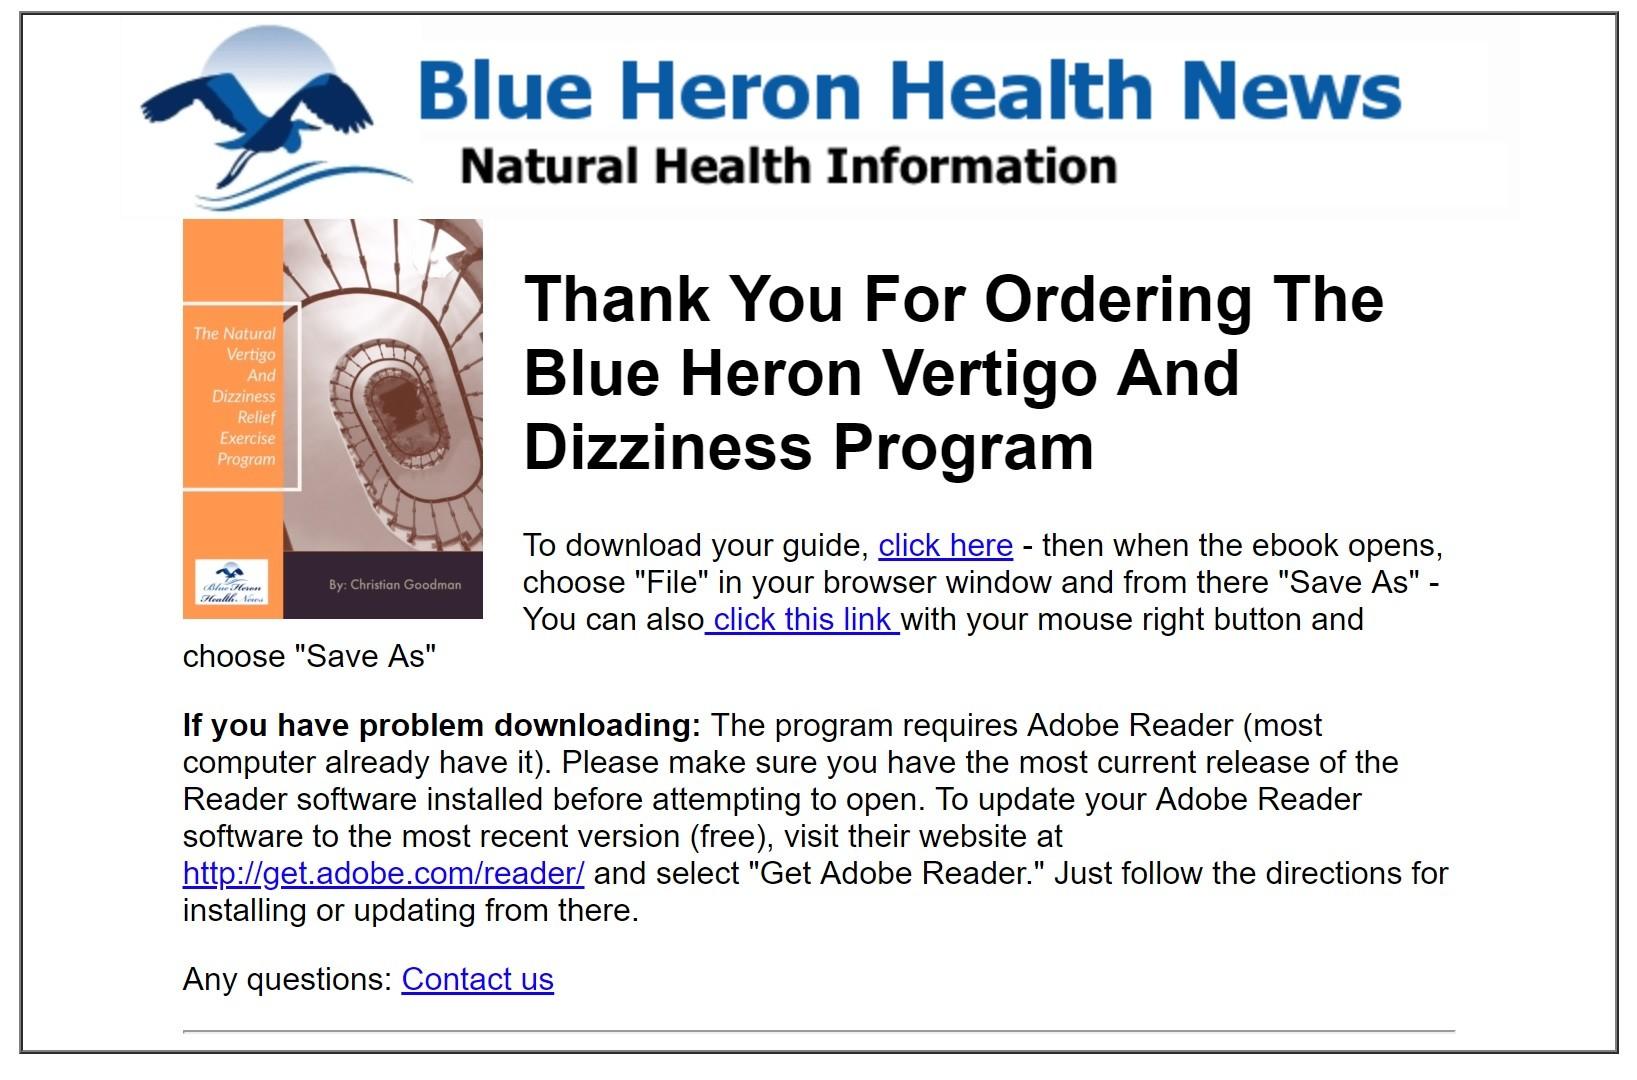 vertigo and dizziness program download page